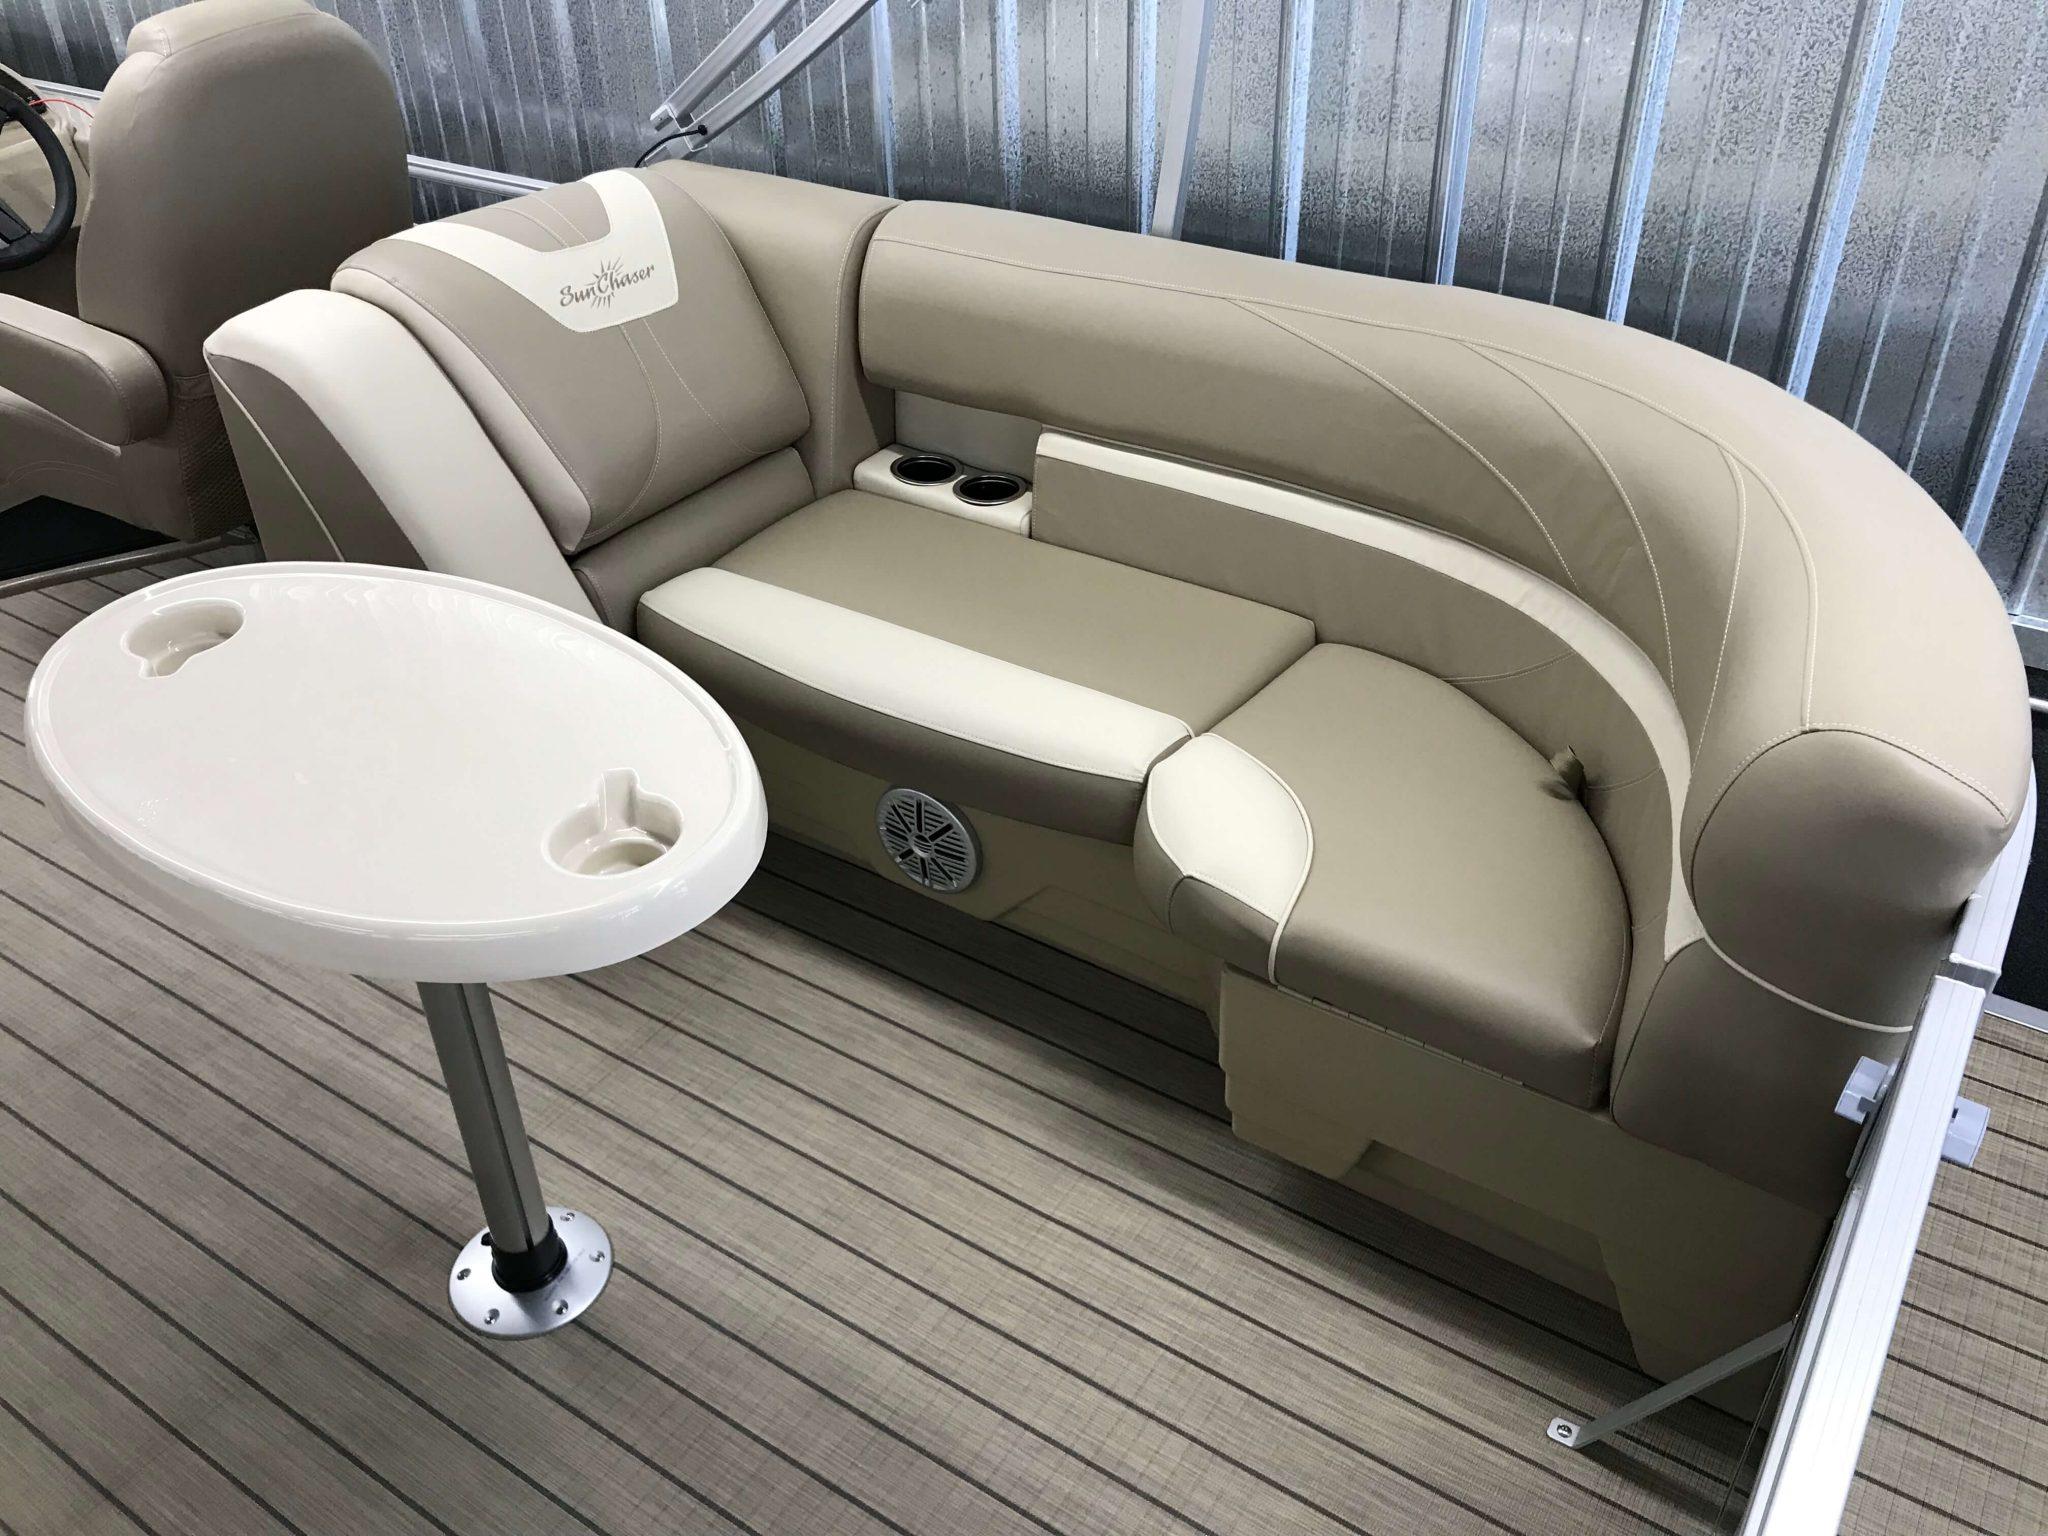 2019 SunChaser Geneva 22 LR Seating 2